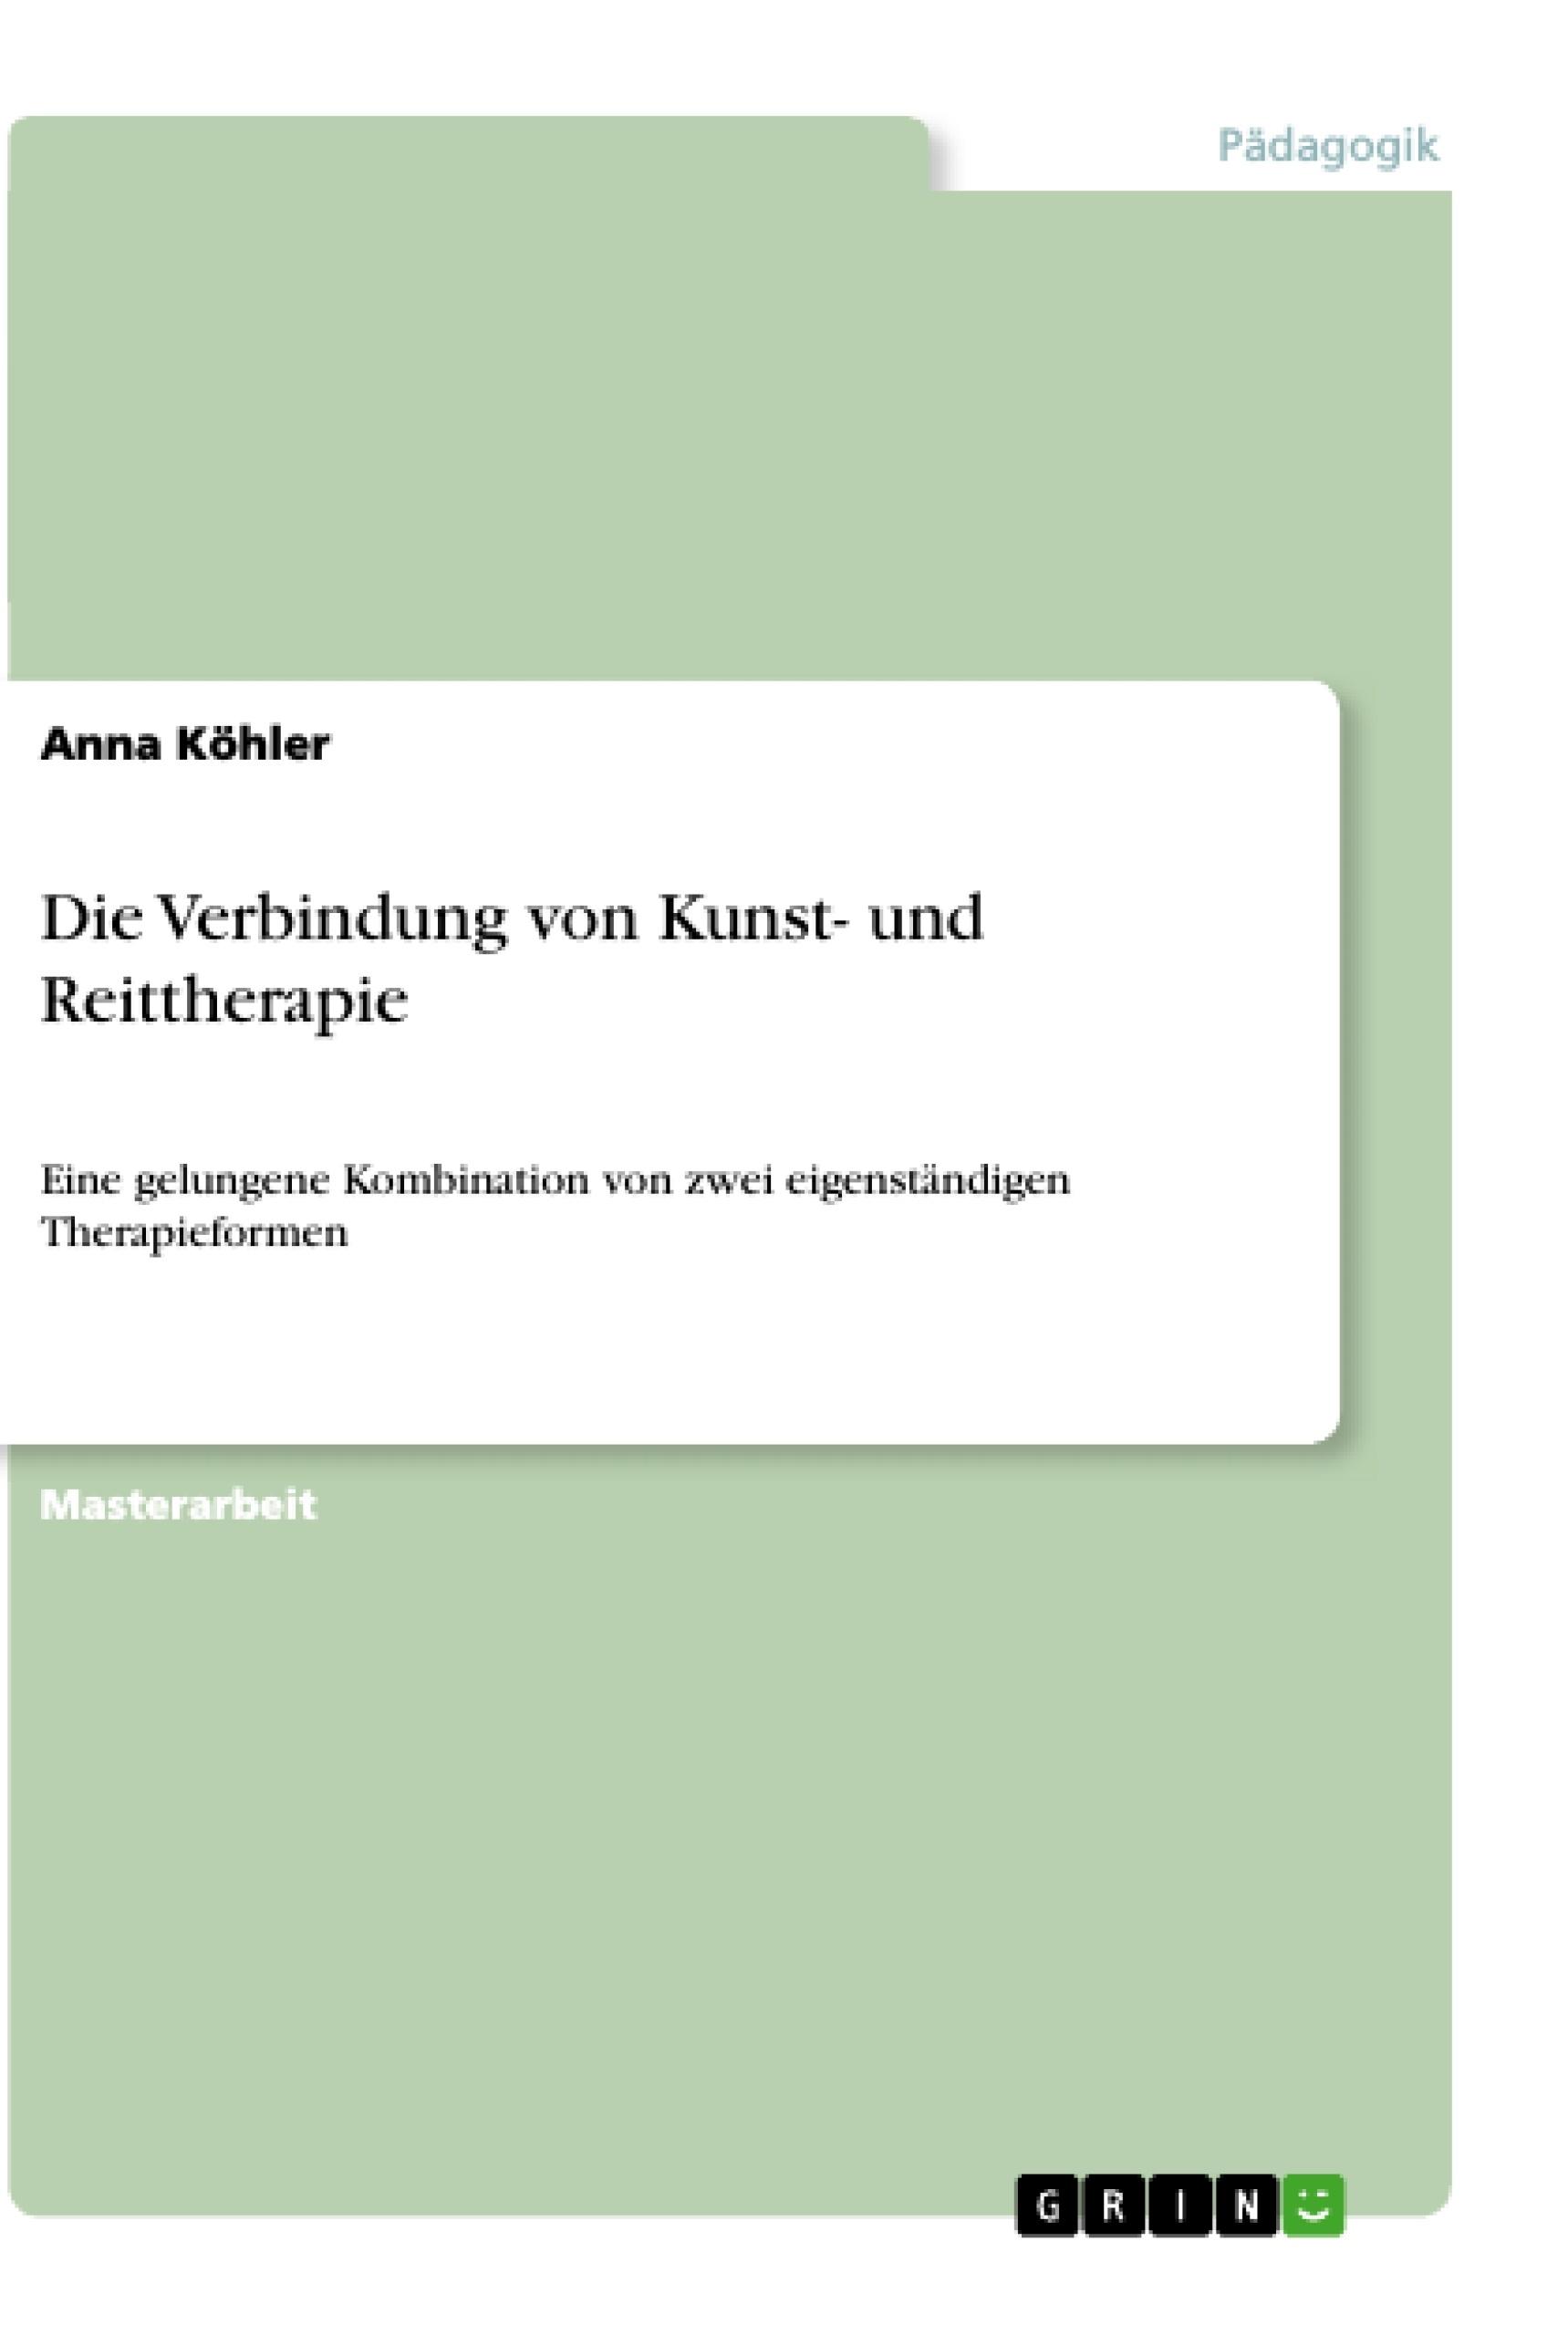 Titel: Die Verbindung von Kunst- und Reittherapie